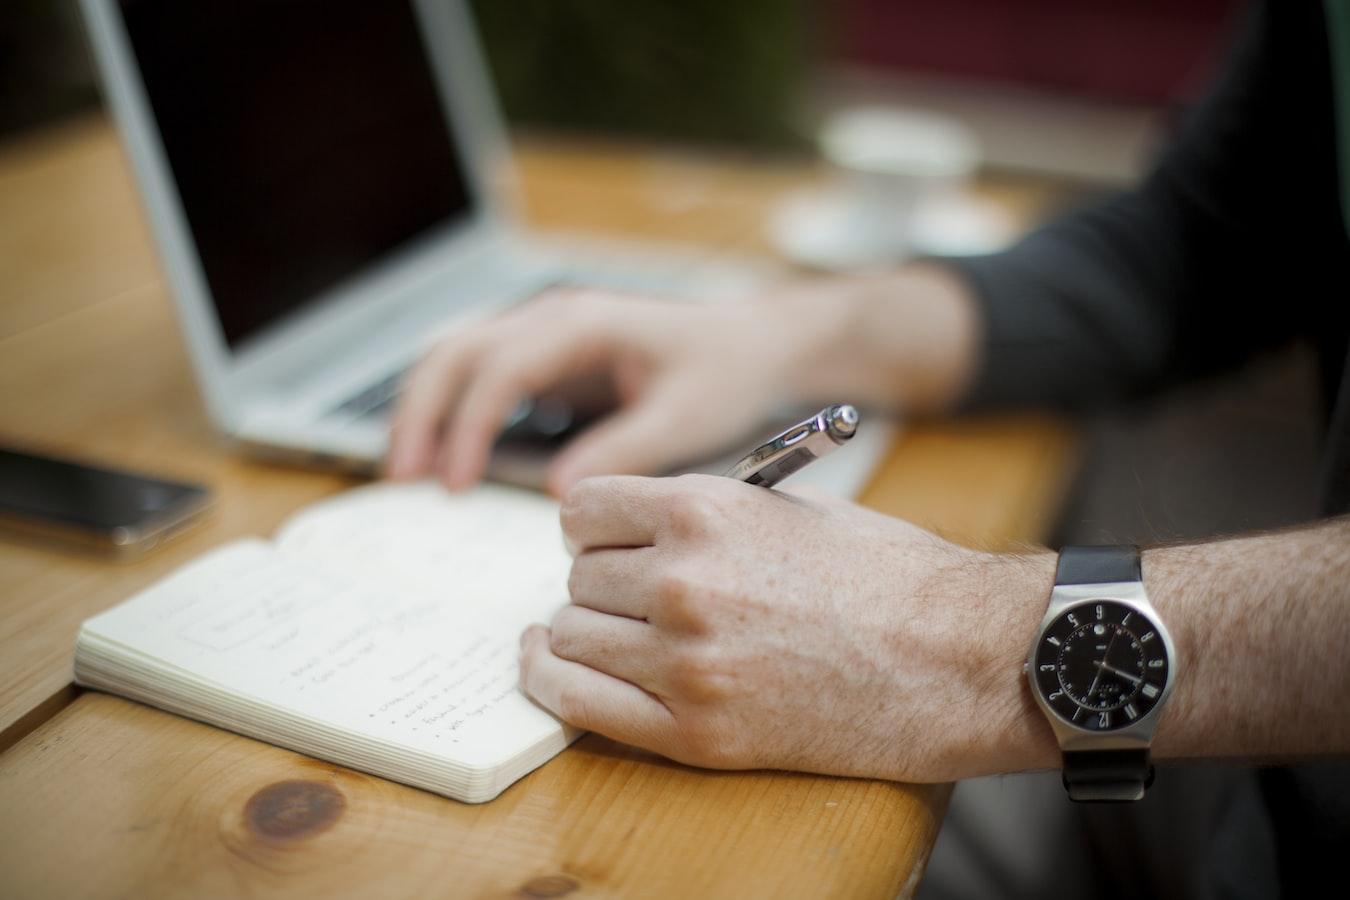 Temukan Jam Kerja Terbaik, kerja ga harus di kafe, kerja dari rumah, fokus kerja freelance, masbobz.com